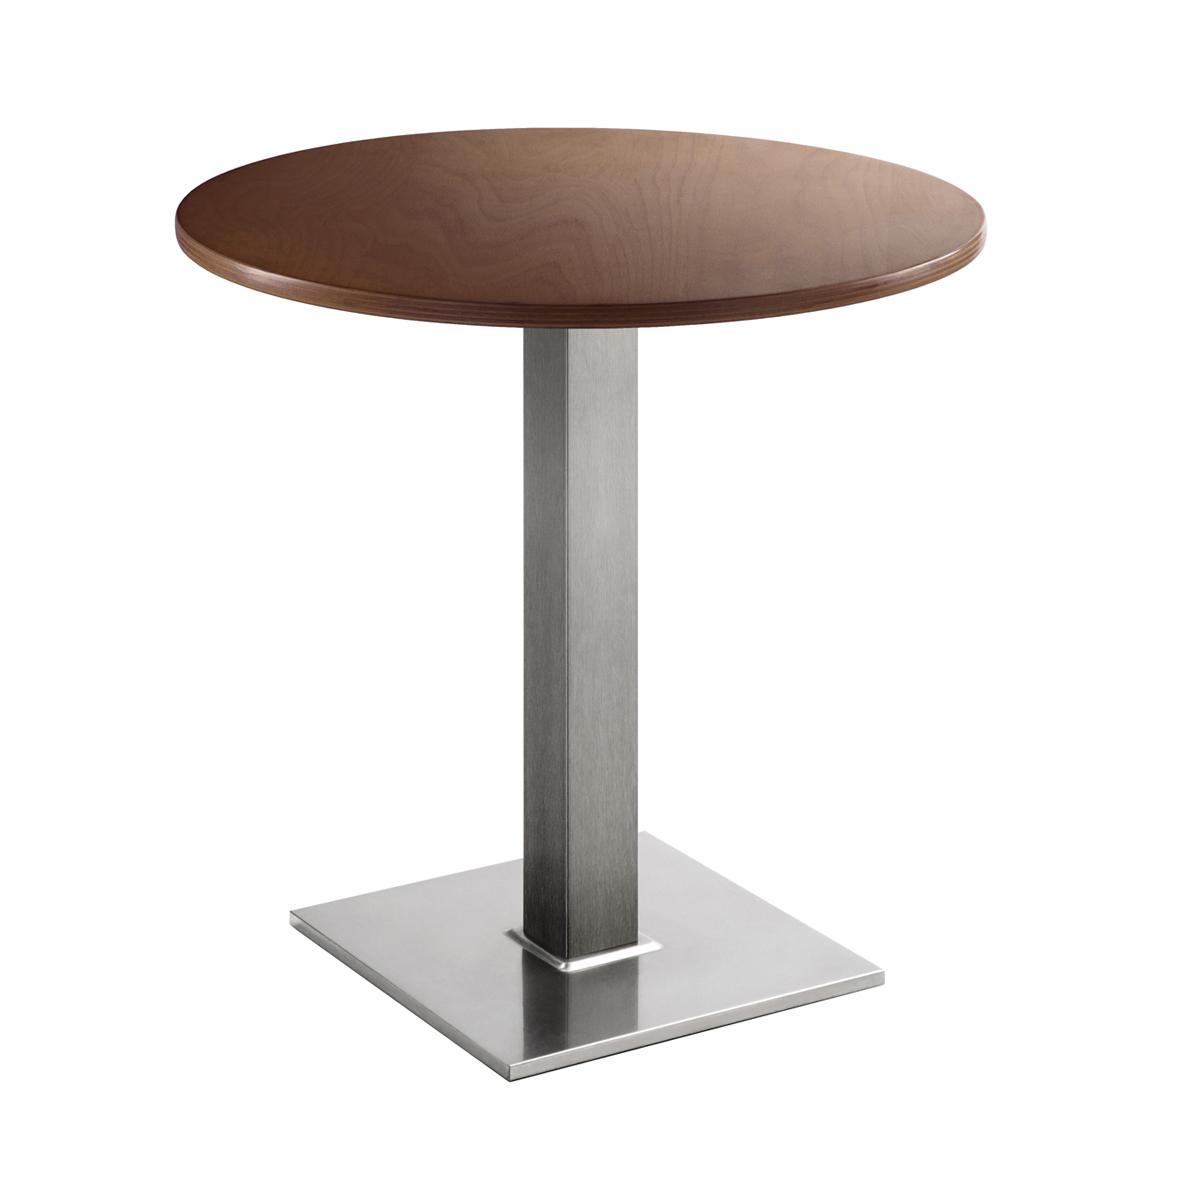 Sitztisch Quadrat, rund, Nussbaum